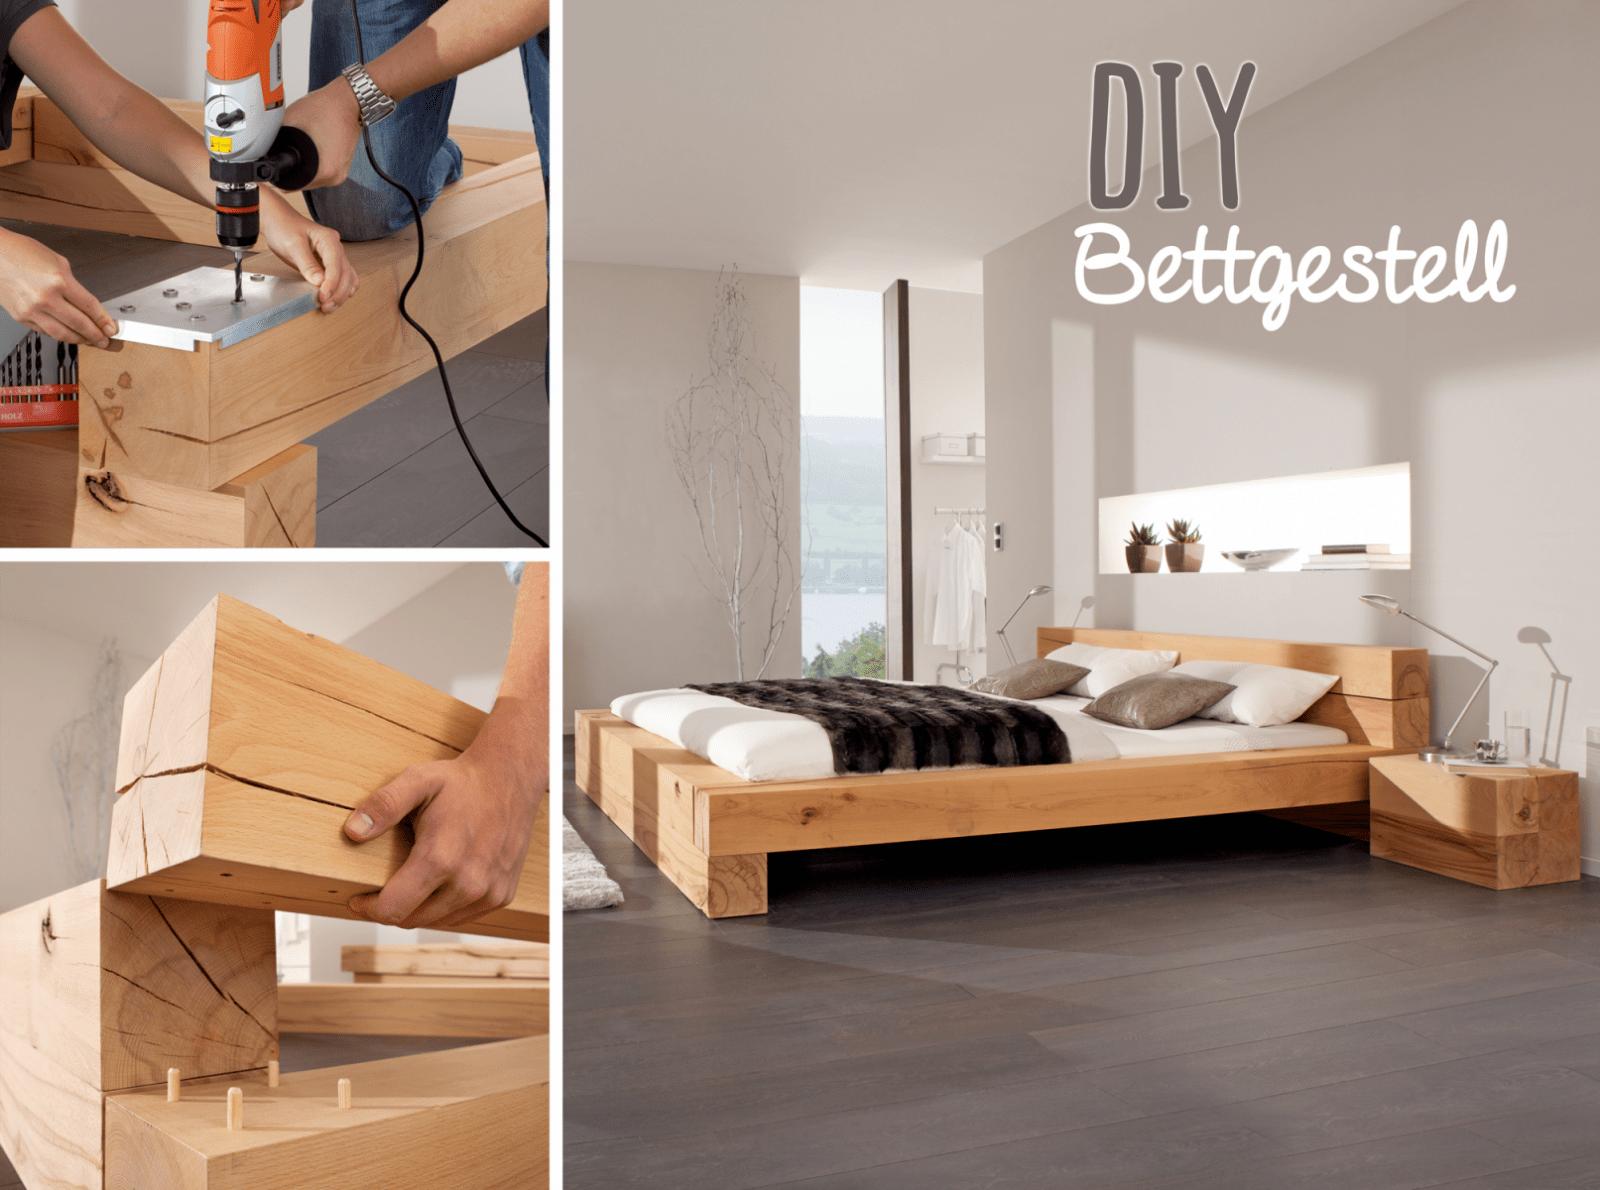 Massiv Blox Holzbalken  Do It Yourself  Bett Holzbalken Bett Und von Bett Aus Holz Selber Bauen Photo